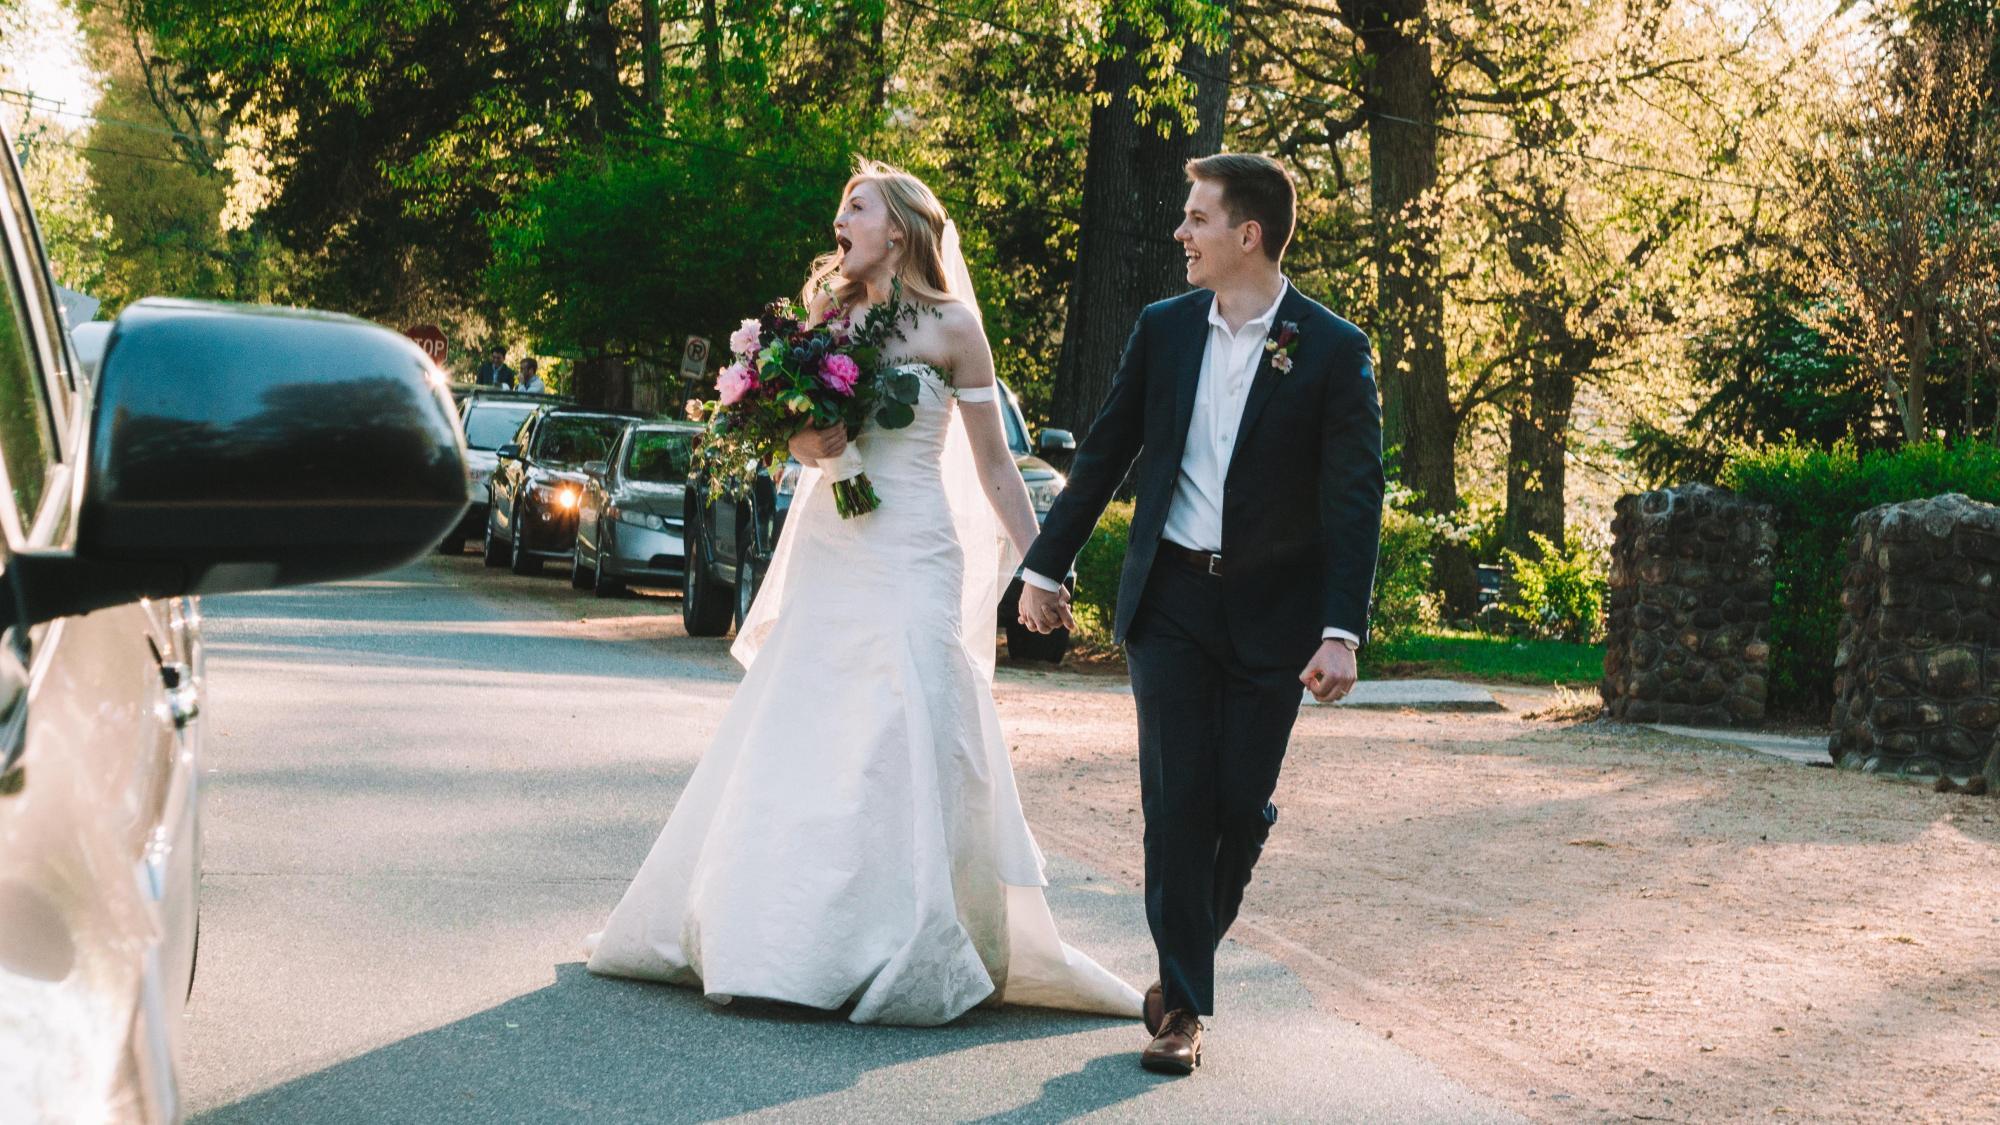 wedding-COVID-19-social-distancing-DMID1-5mp4yczem-2000x1125